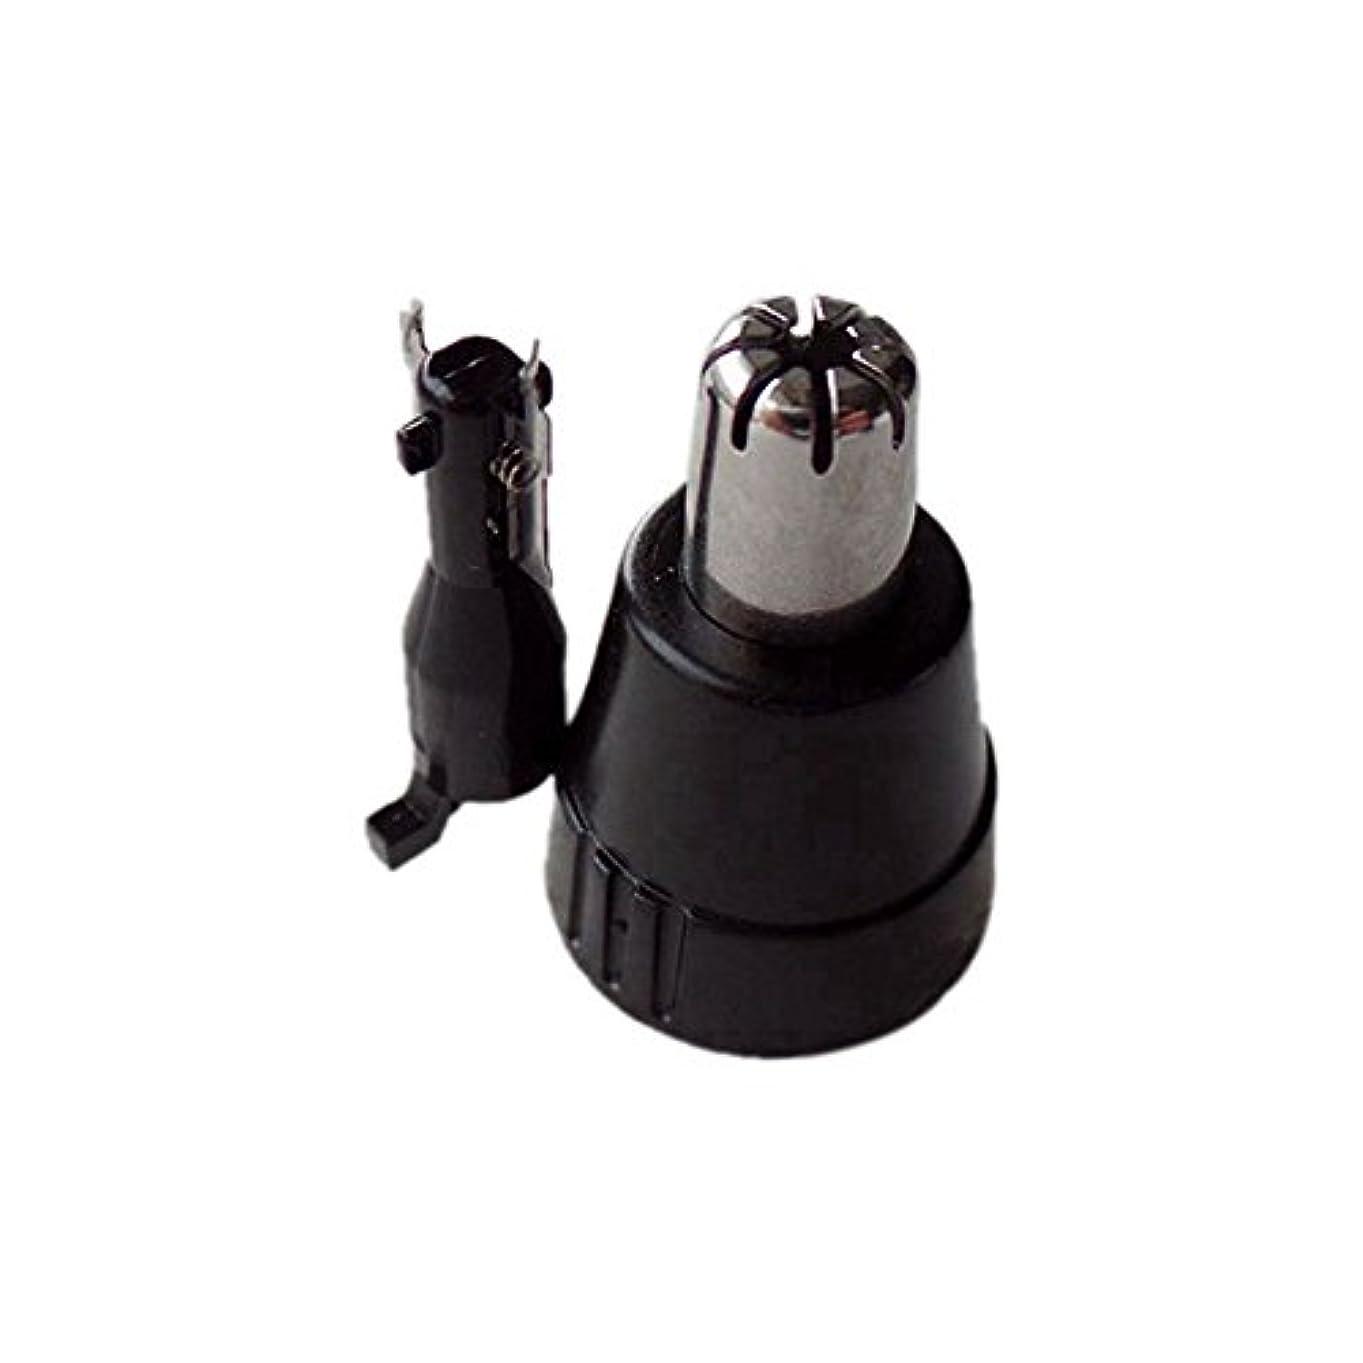 不愉快に評論家ビームJuleyaing 鼻毛カッター用品 パーツ 内刃 外刃 替刃 交代品 for Panasonic 鼻毛カッター ER-GN30/-GN10